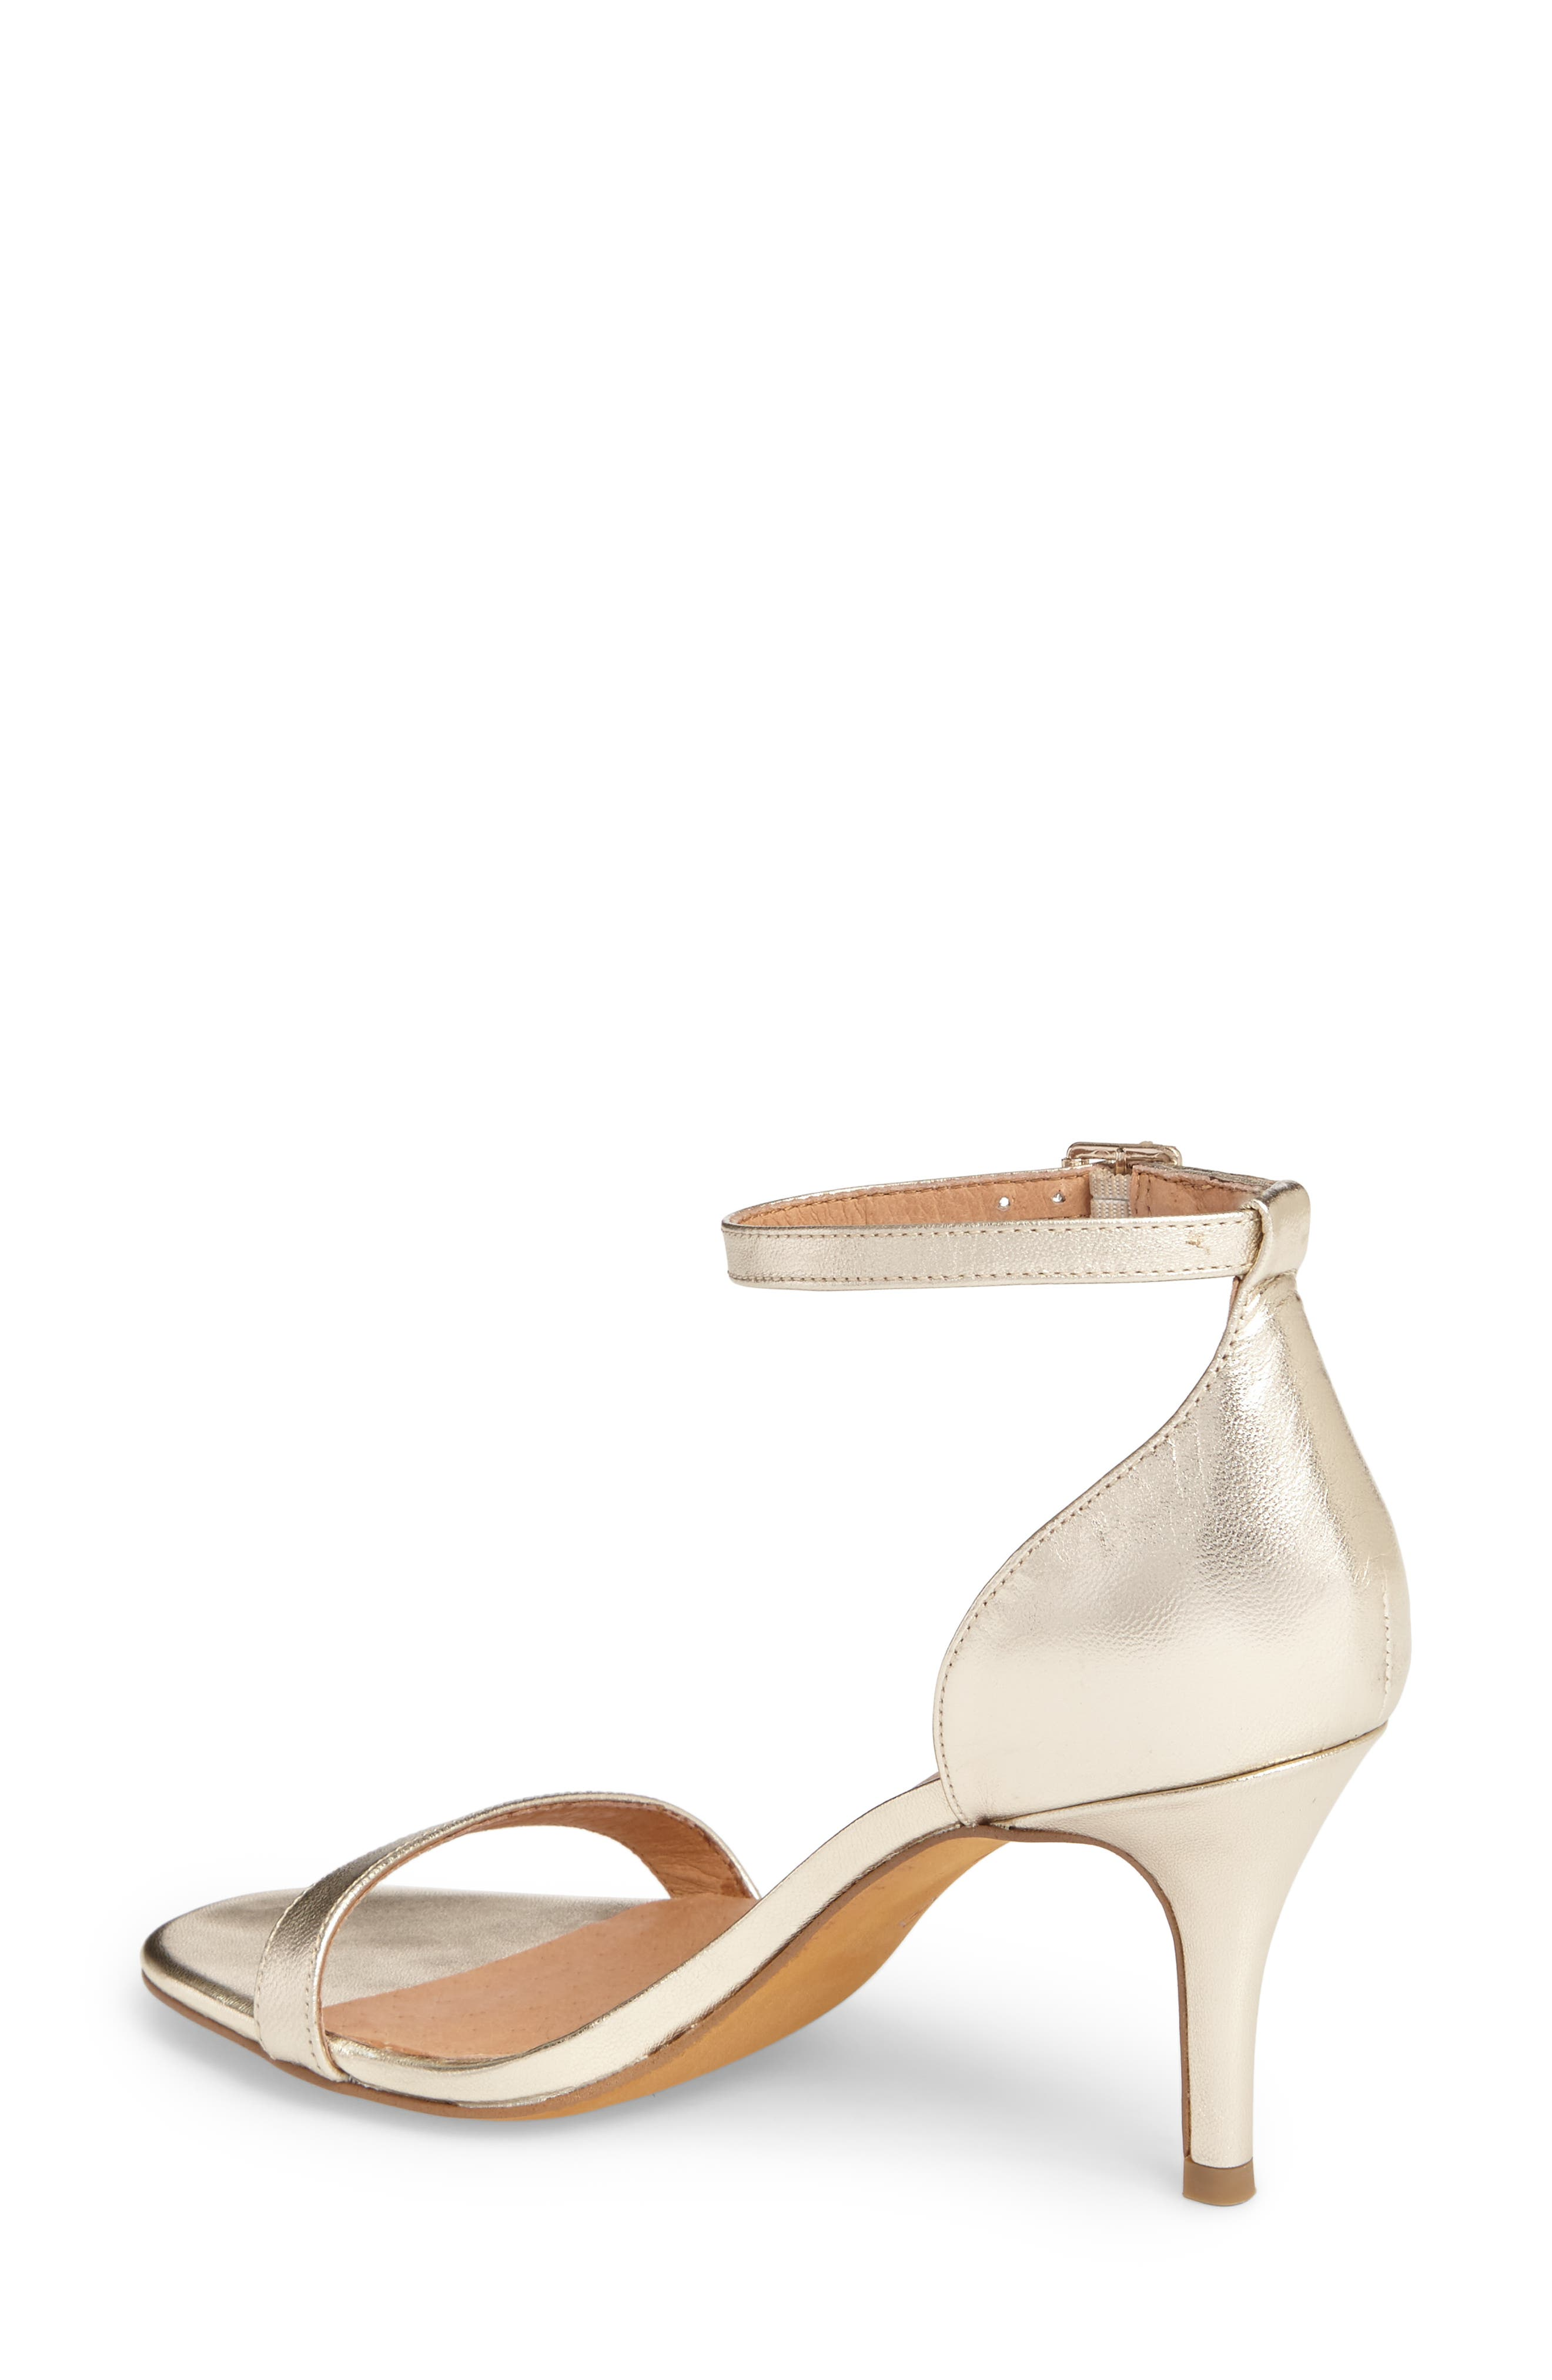 Audrey Ankle Strap Sandal,                             Alternate thumbnail 45, color,